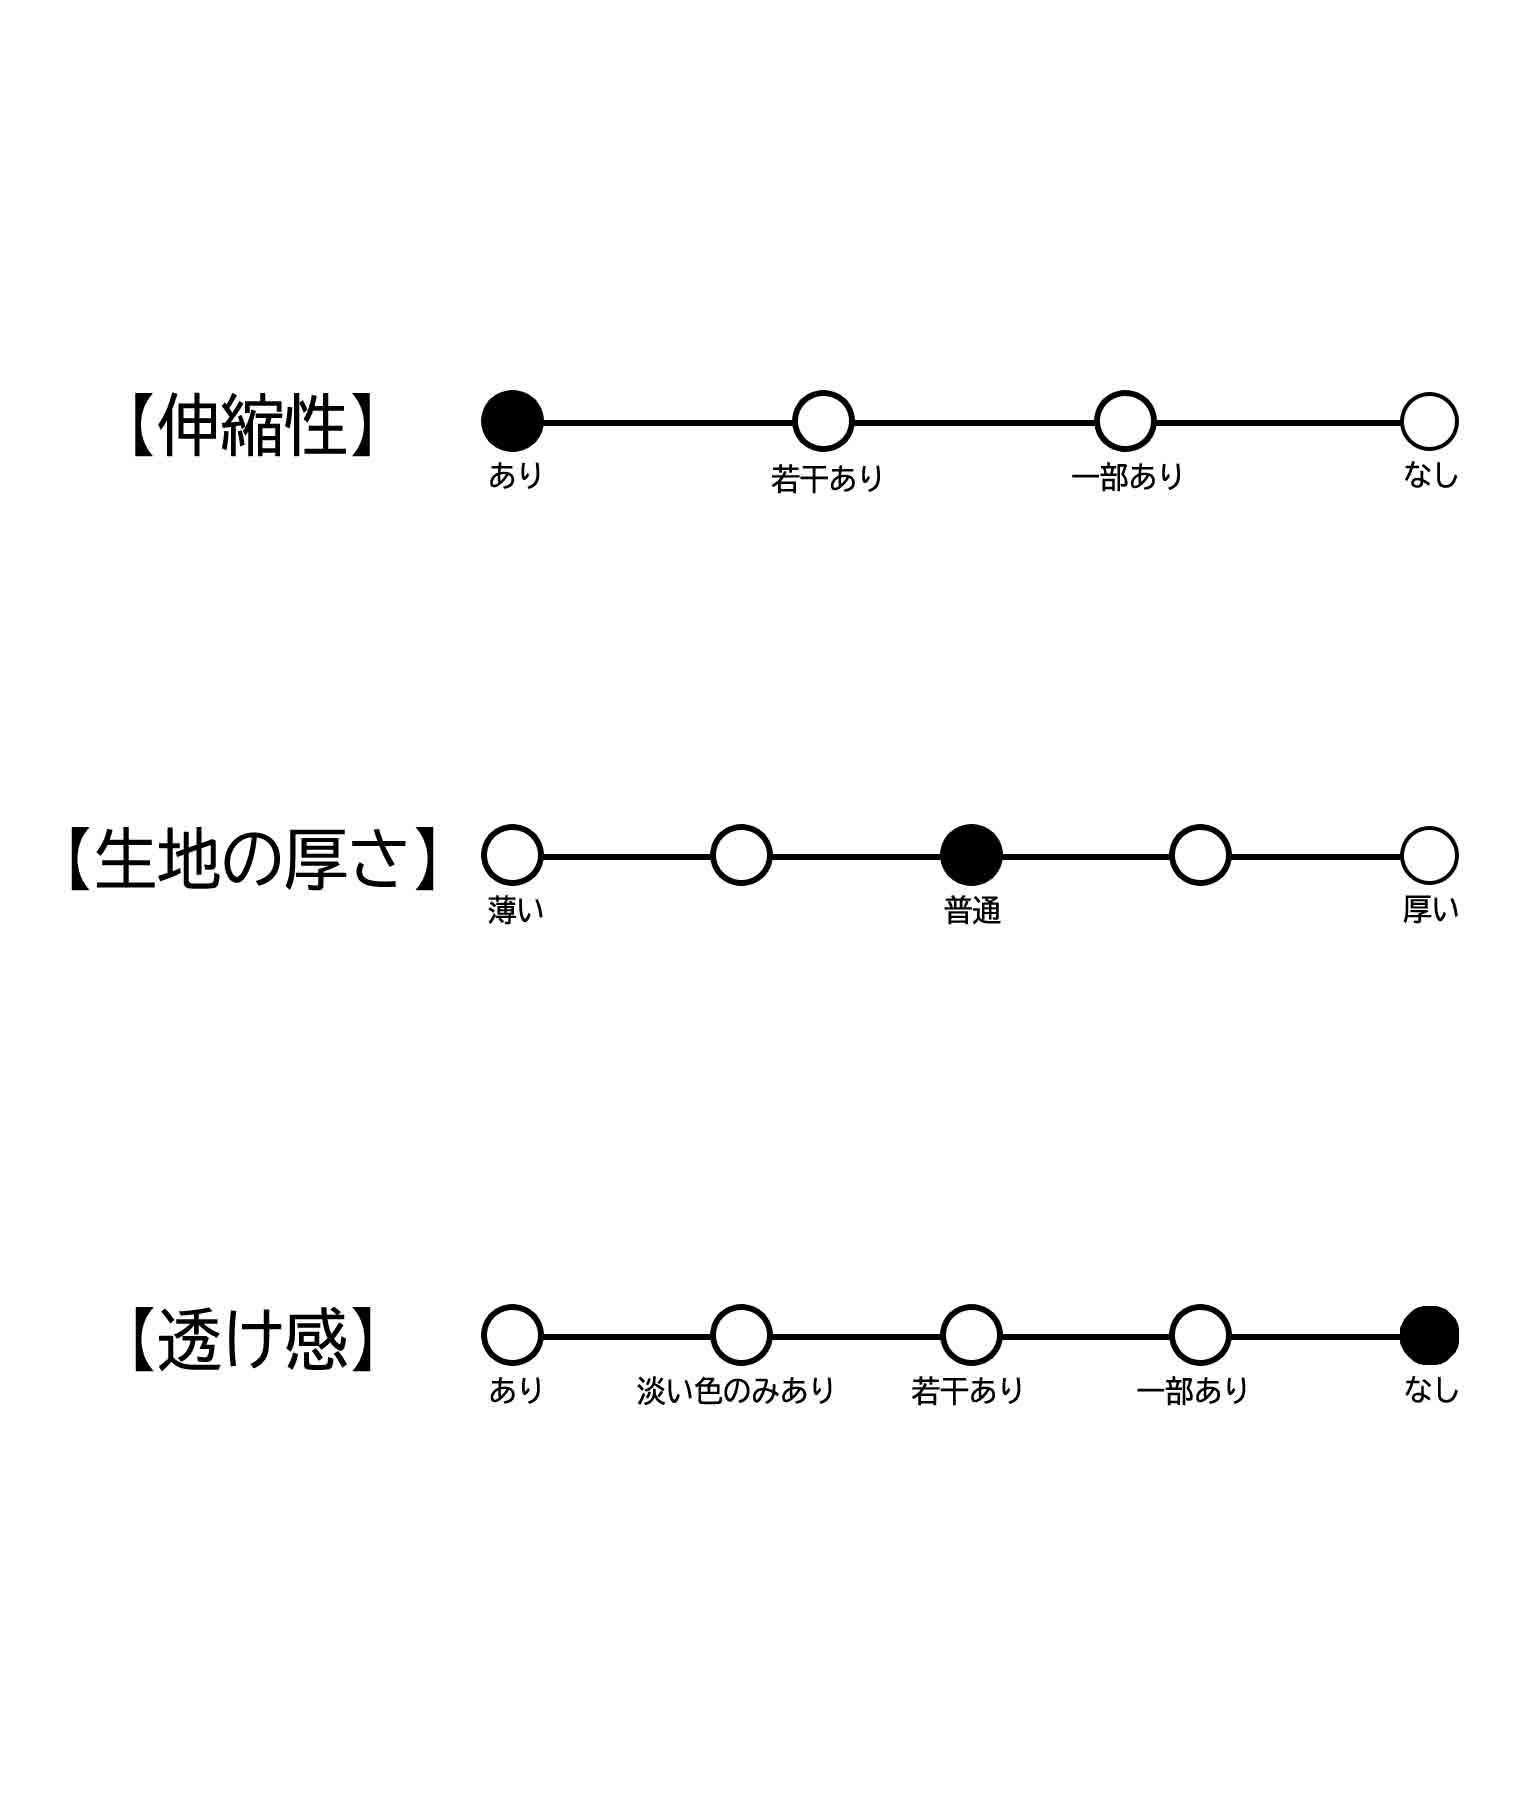 ネックデザインミラノリブニット(トップス/ニット/セーター) | ANAP